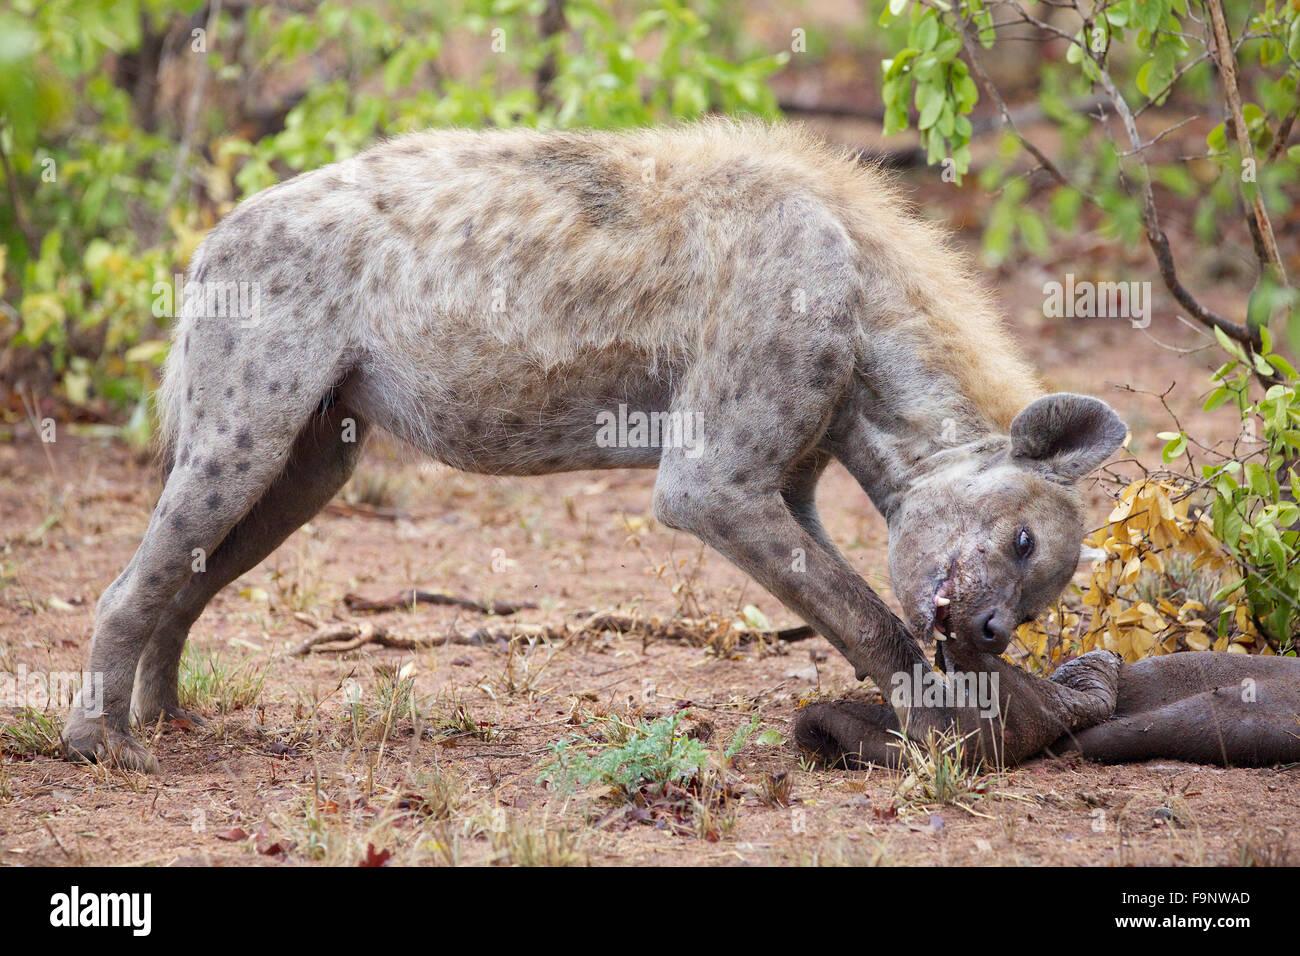 Ein Spotted Hyäne kauen auf die übrig gebliebene Haut eines Büffels durch ein Rudel Löwen getötet. Stockbild